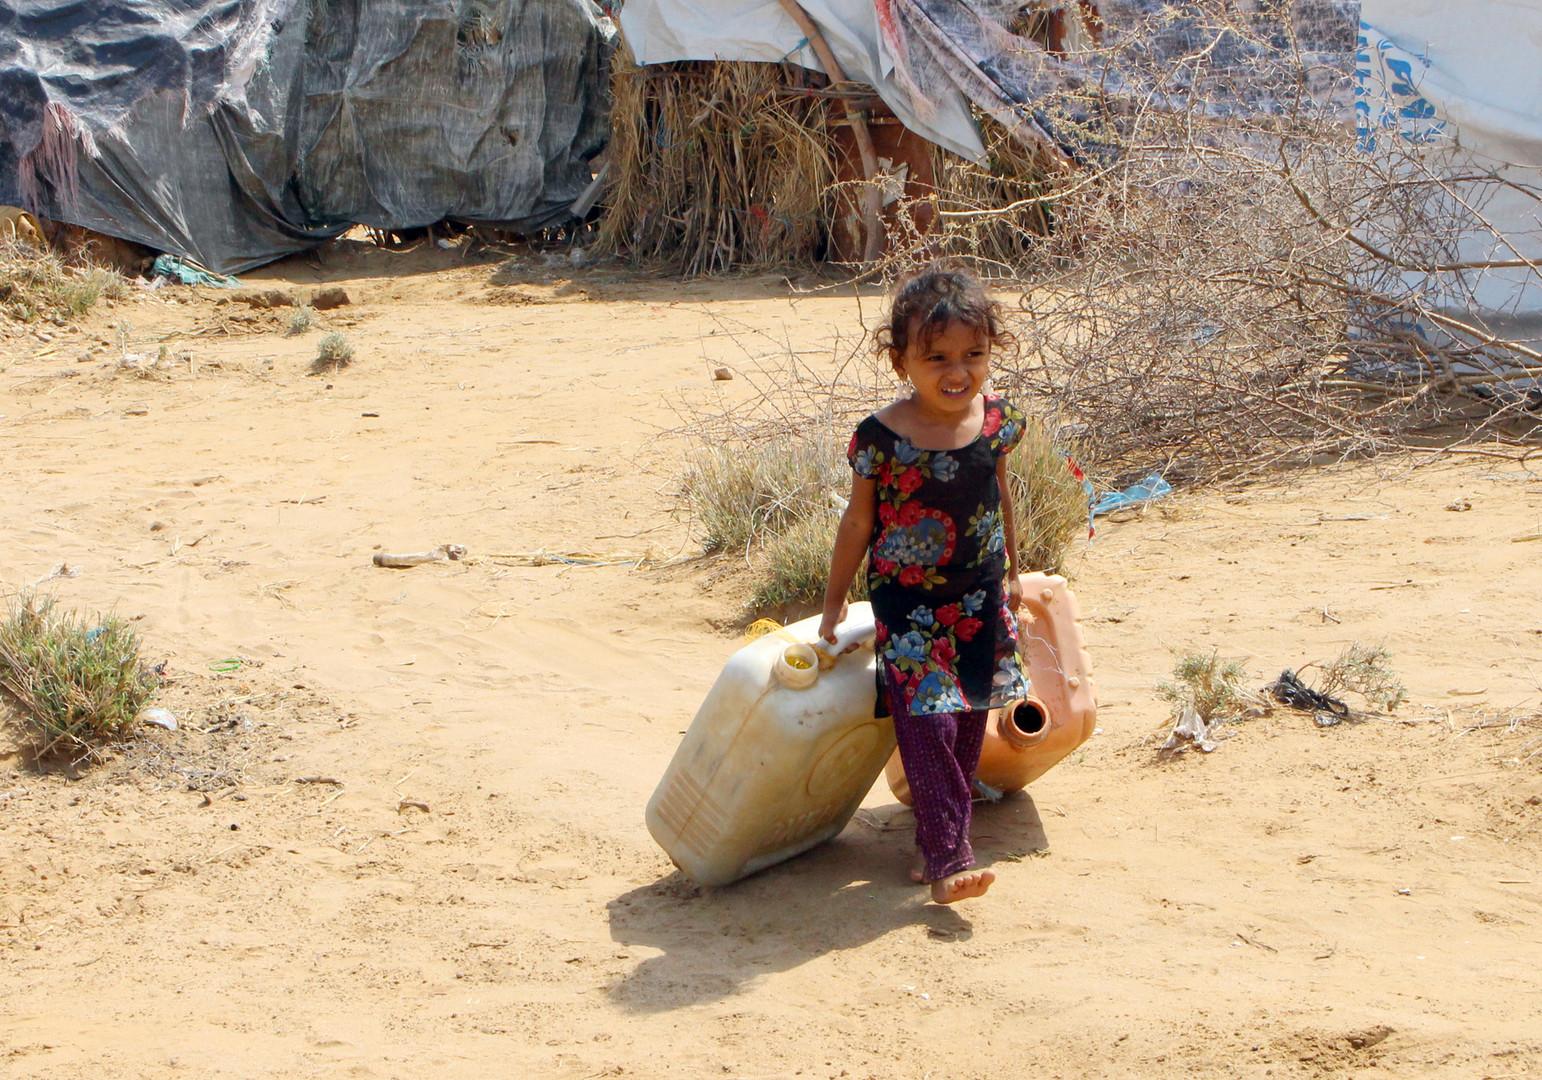 Ein vertriebenes jemenitisches Mädchen aus Hodeida schleppt am 16. September 2018 einen Wasserkanister in einem provisorischen Lager in einem Dorf im nördlichen Bezirk Abs in der Provinz Hajjah.